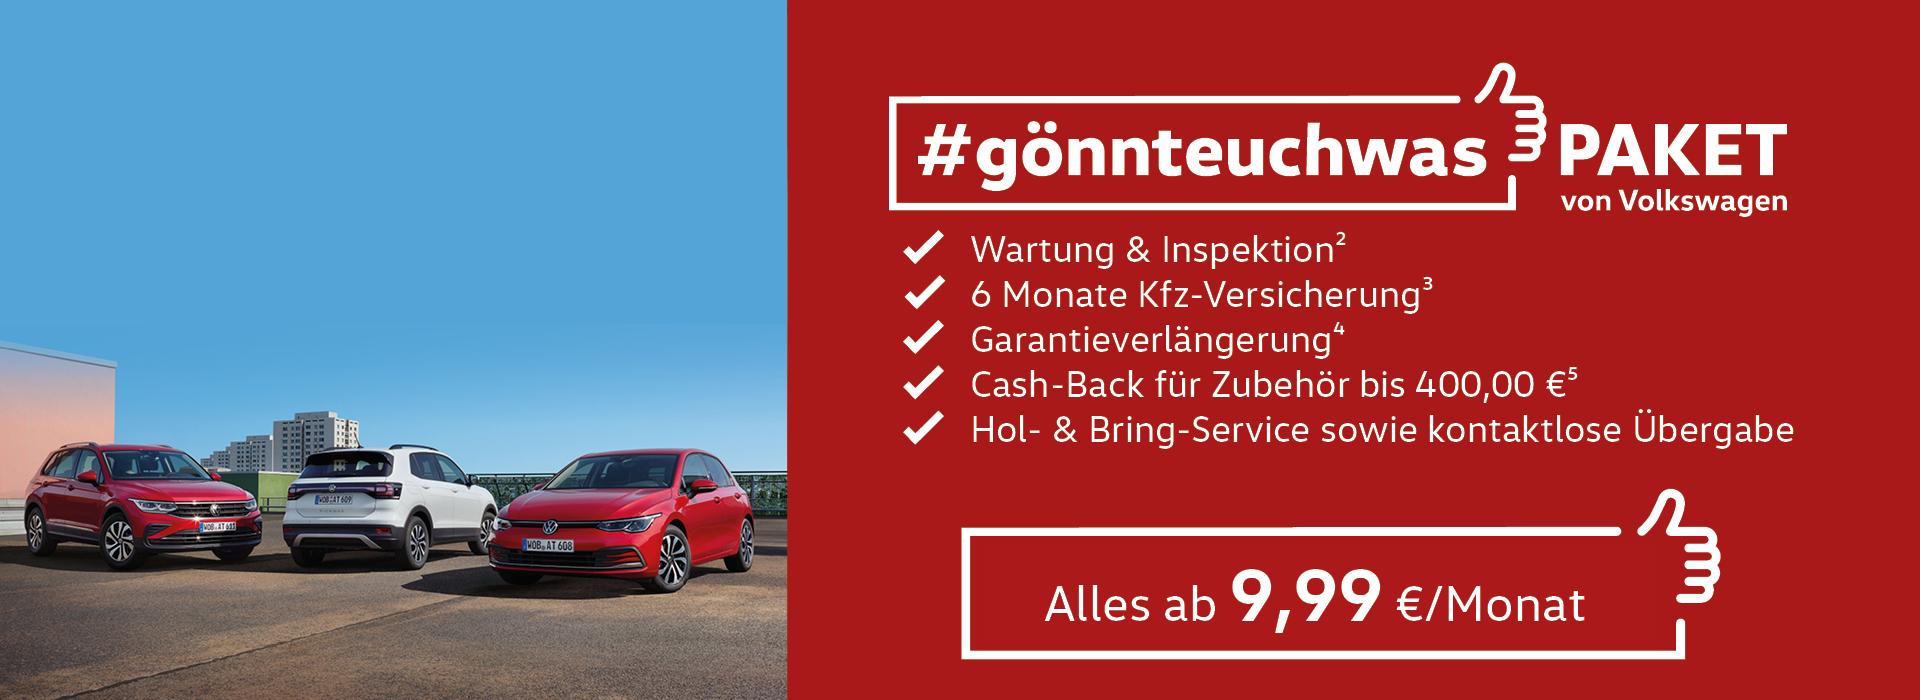 VW #gönnteuchwas-Paket